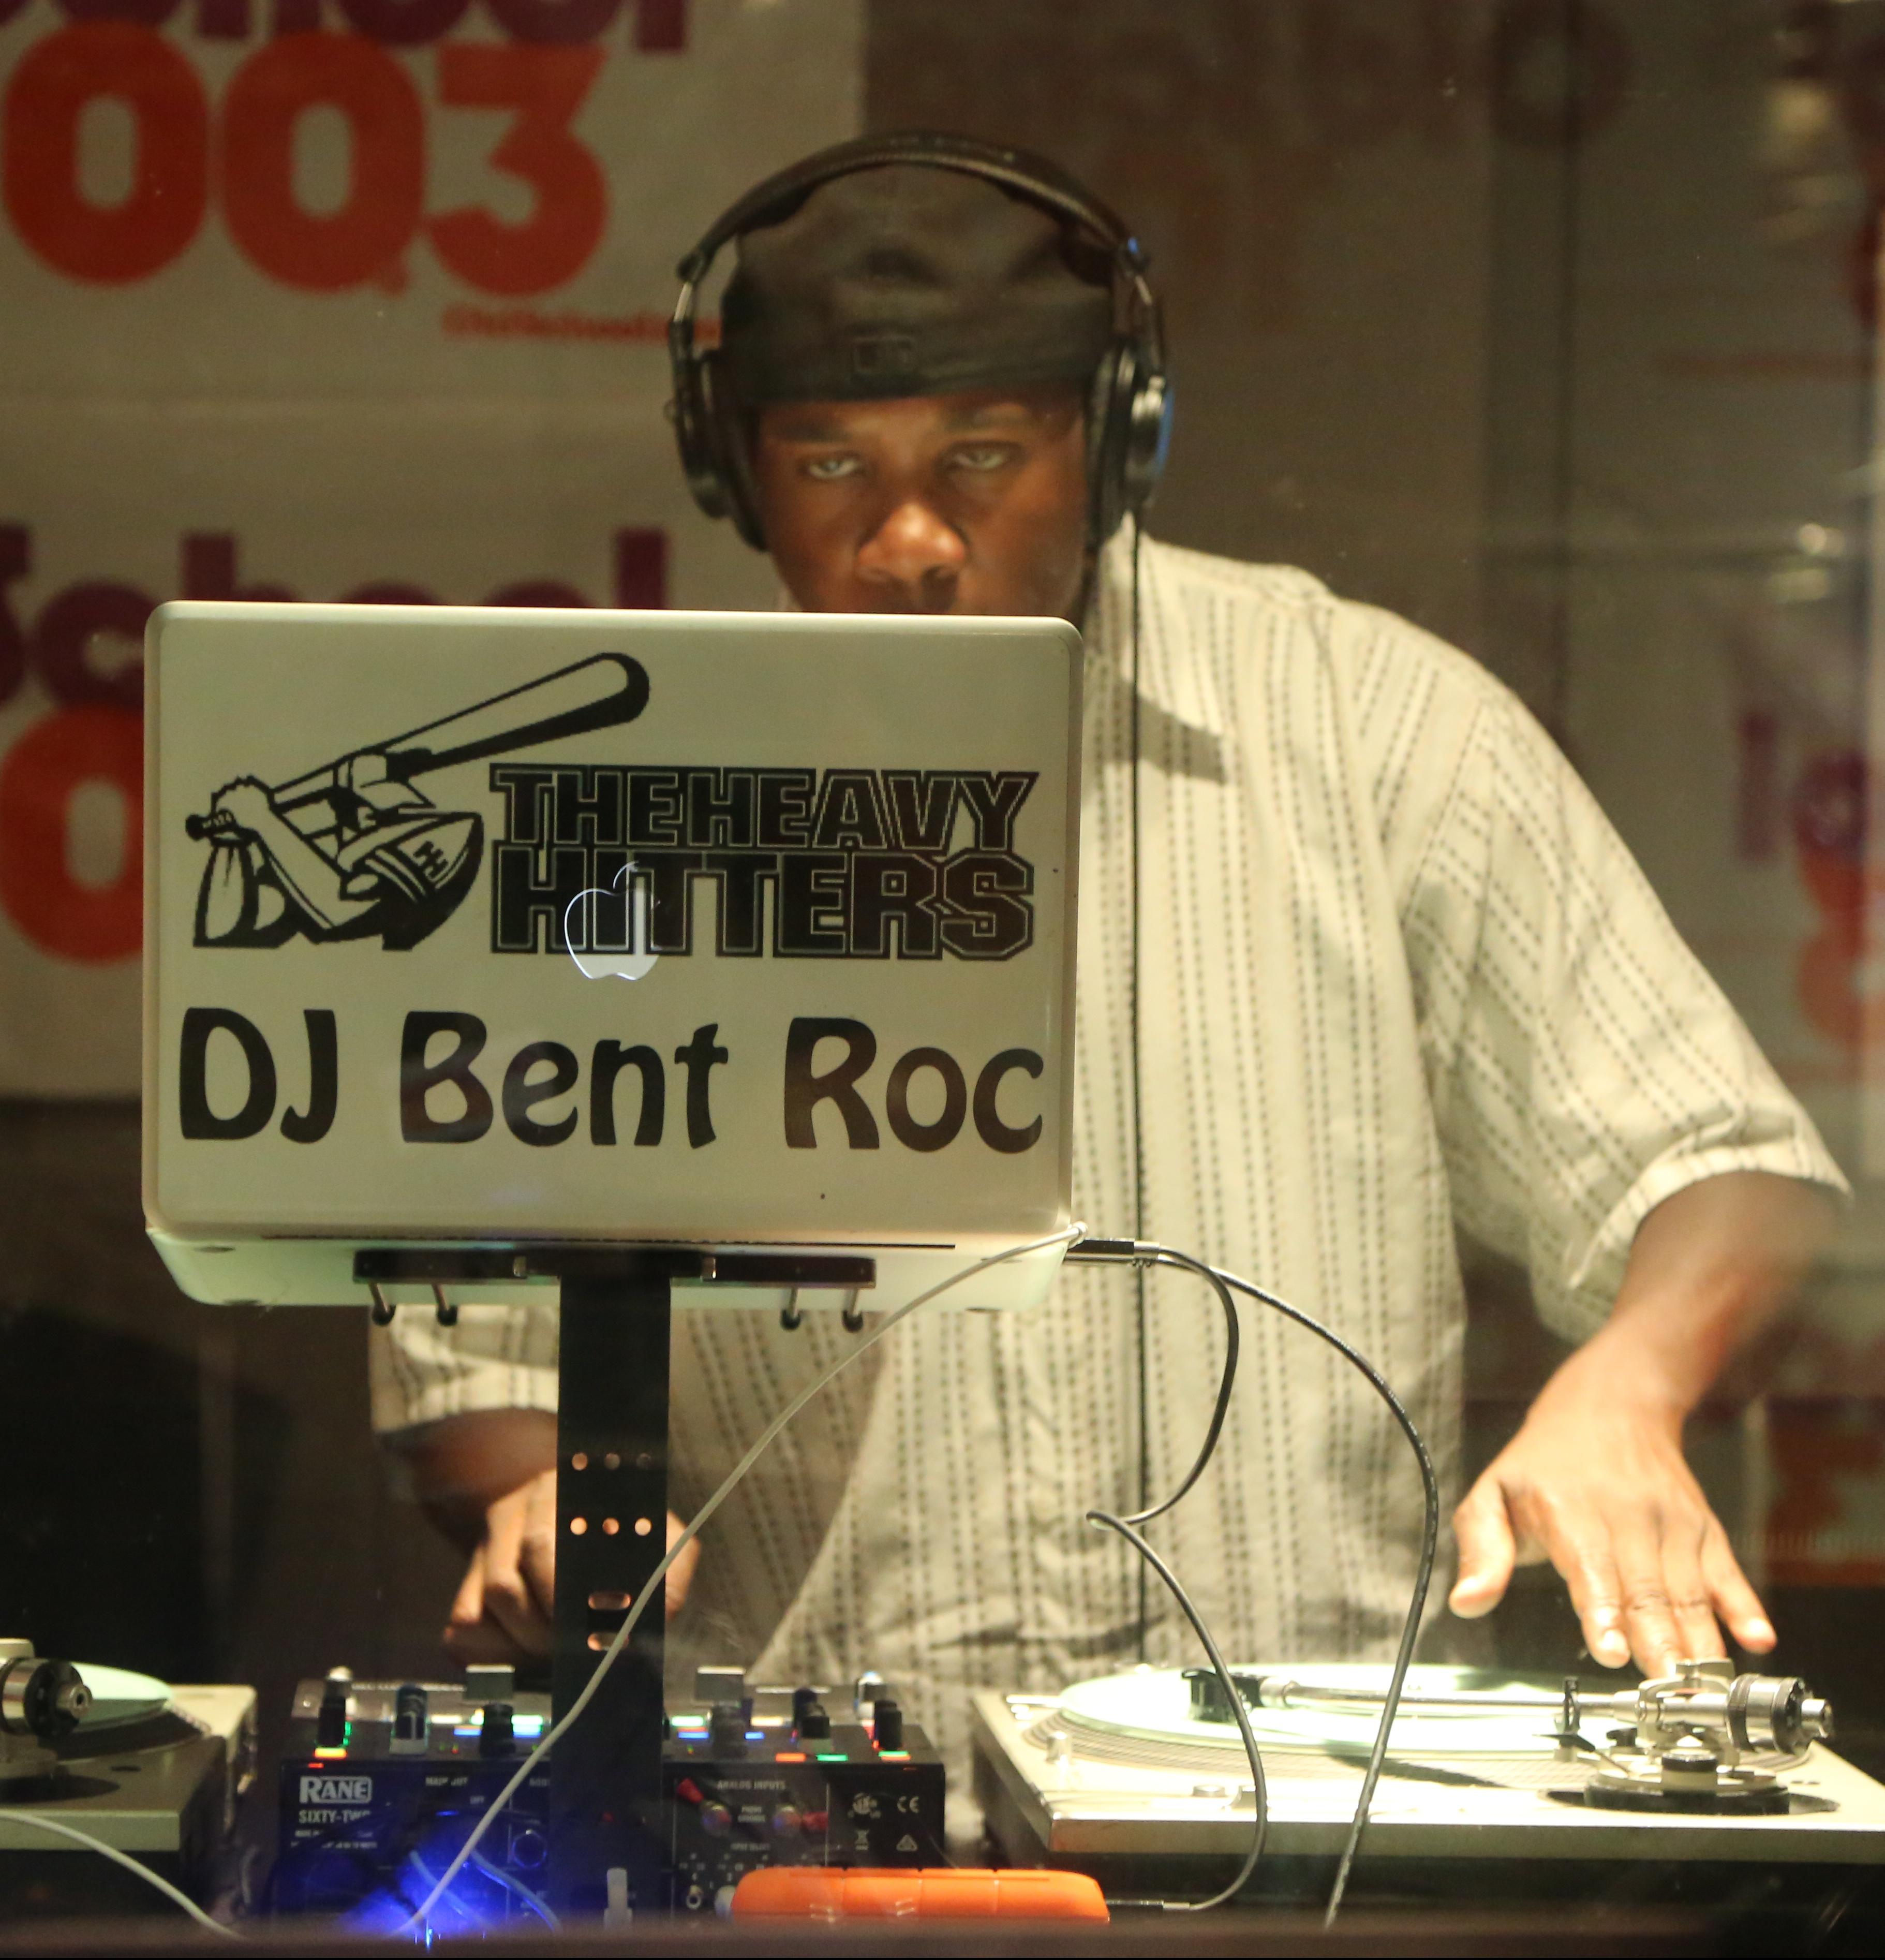 DJ Bent Roc